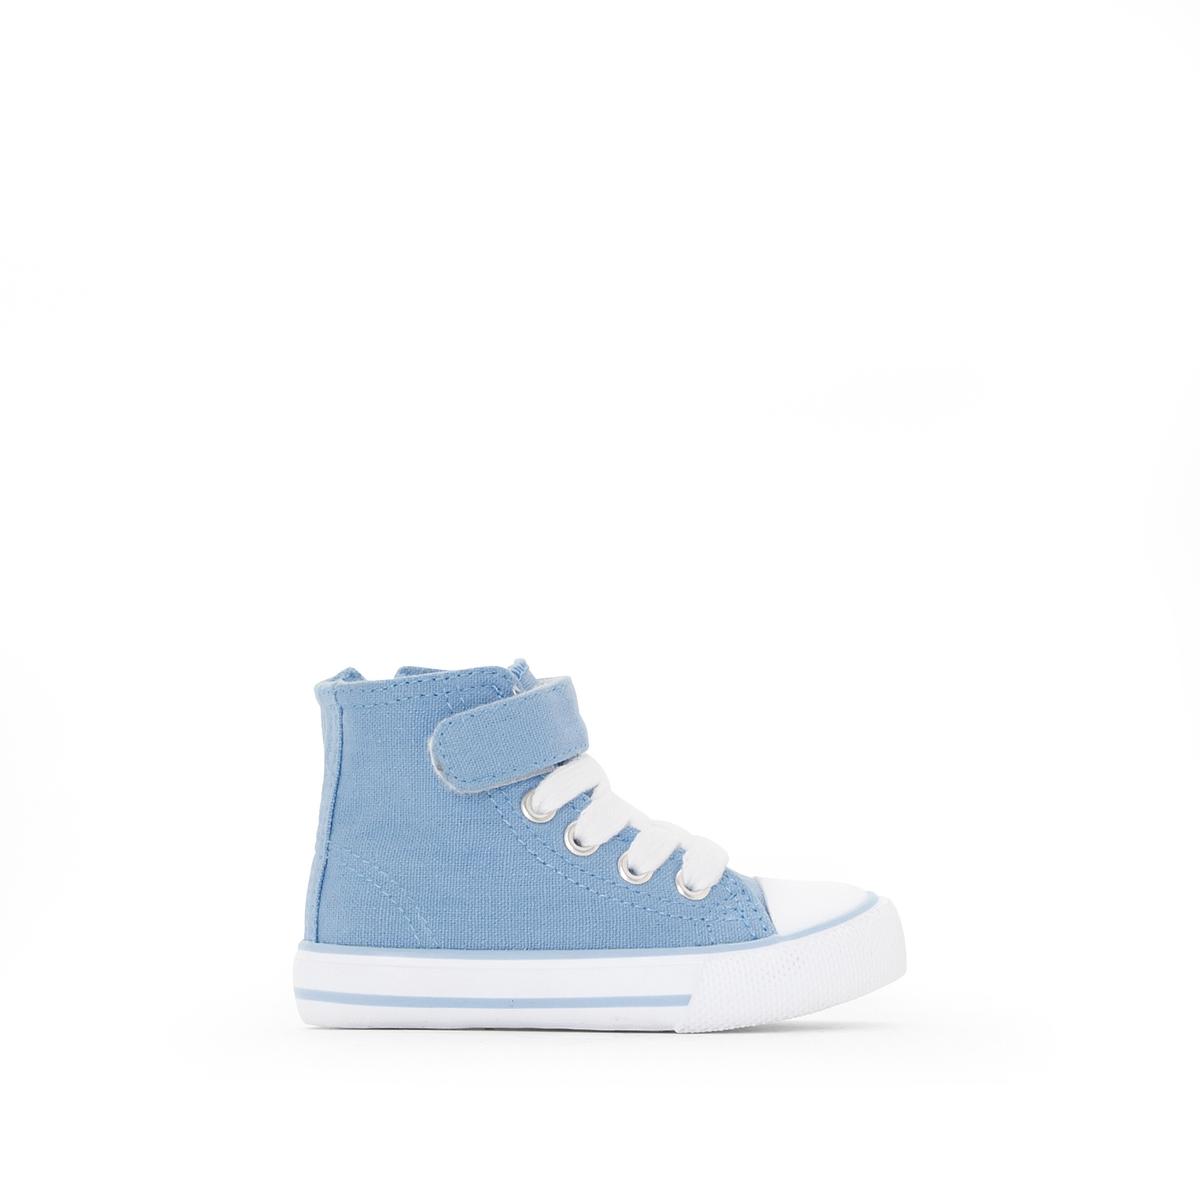 Кеды из тканиДетали  •  Кеды высокие •  Спортивный стиль •  Плоский каблук •  Застежка : без застежкиСостав и уход  • Верх 100% хлопок  •  Подкладка 100% хлопок<br><br>Цвет: небесно-голубой<br>Размер: 21.23